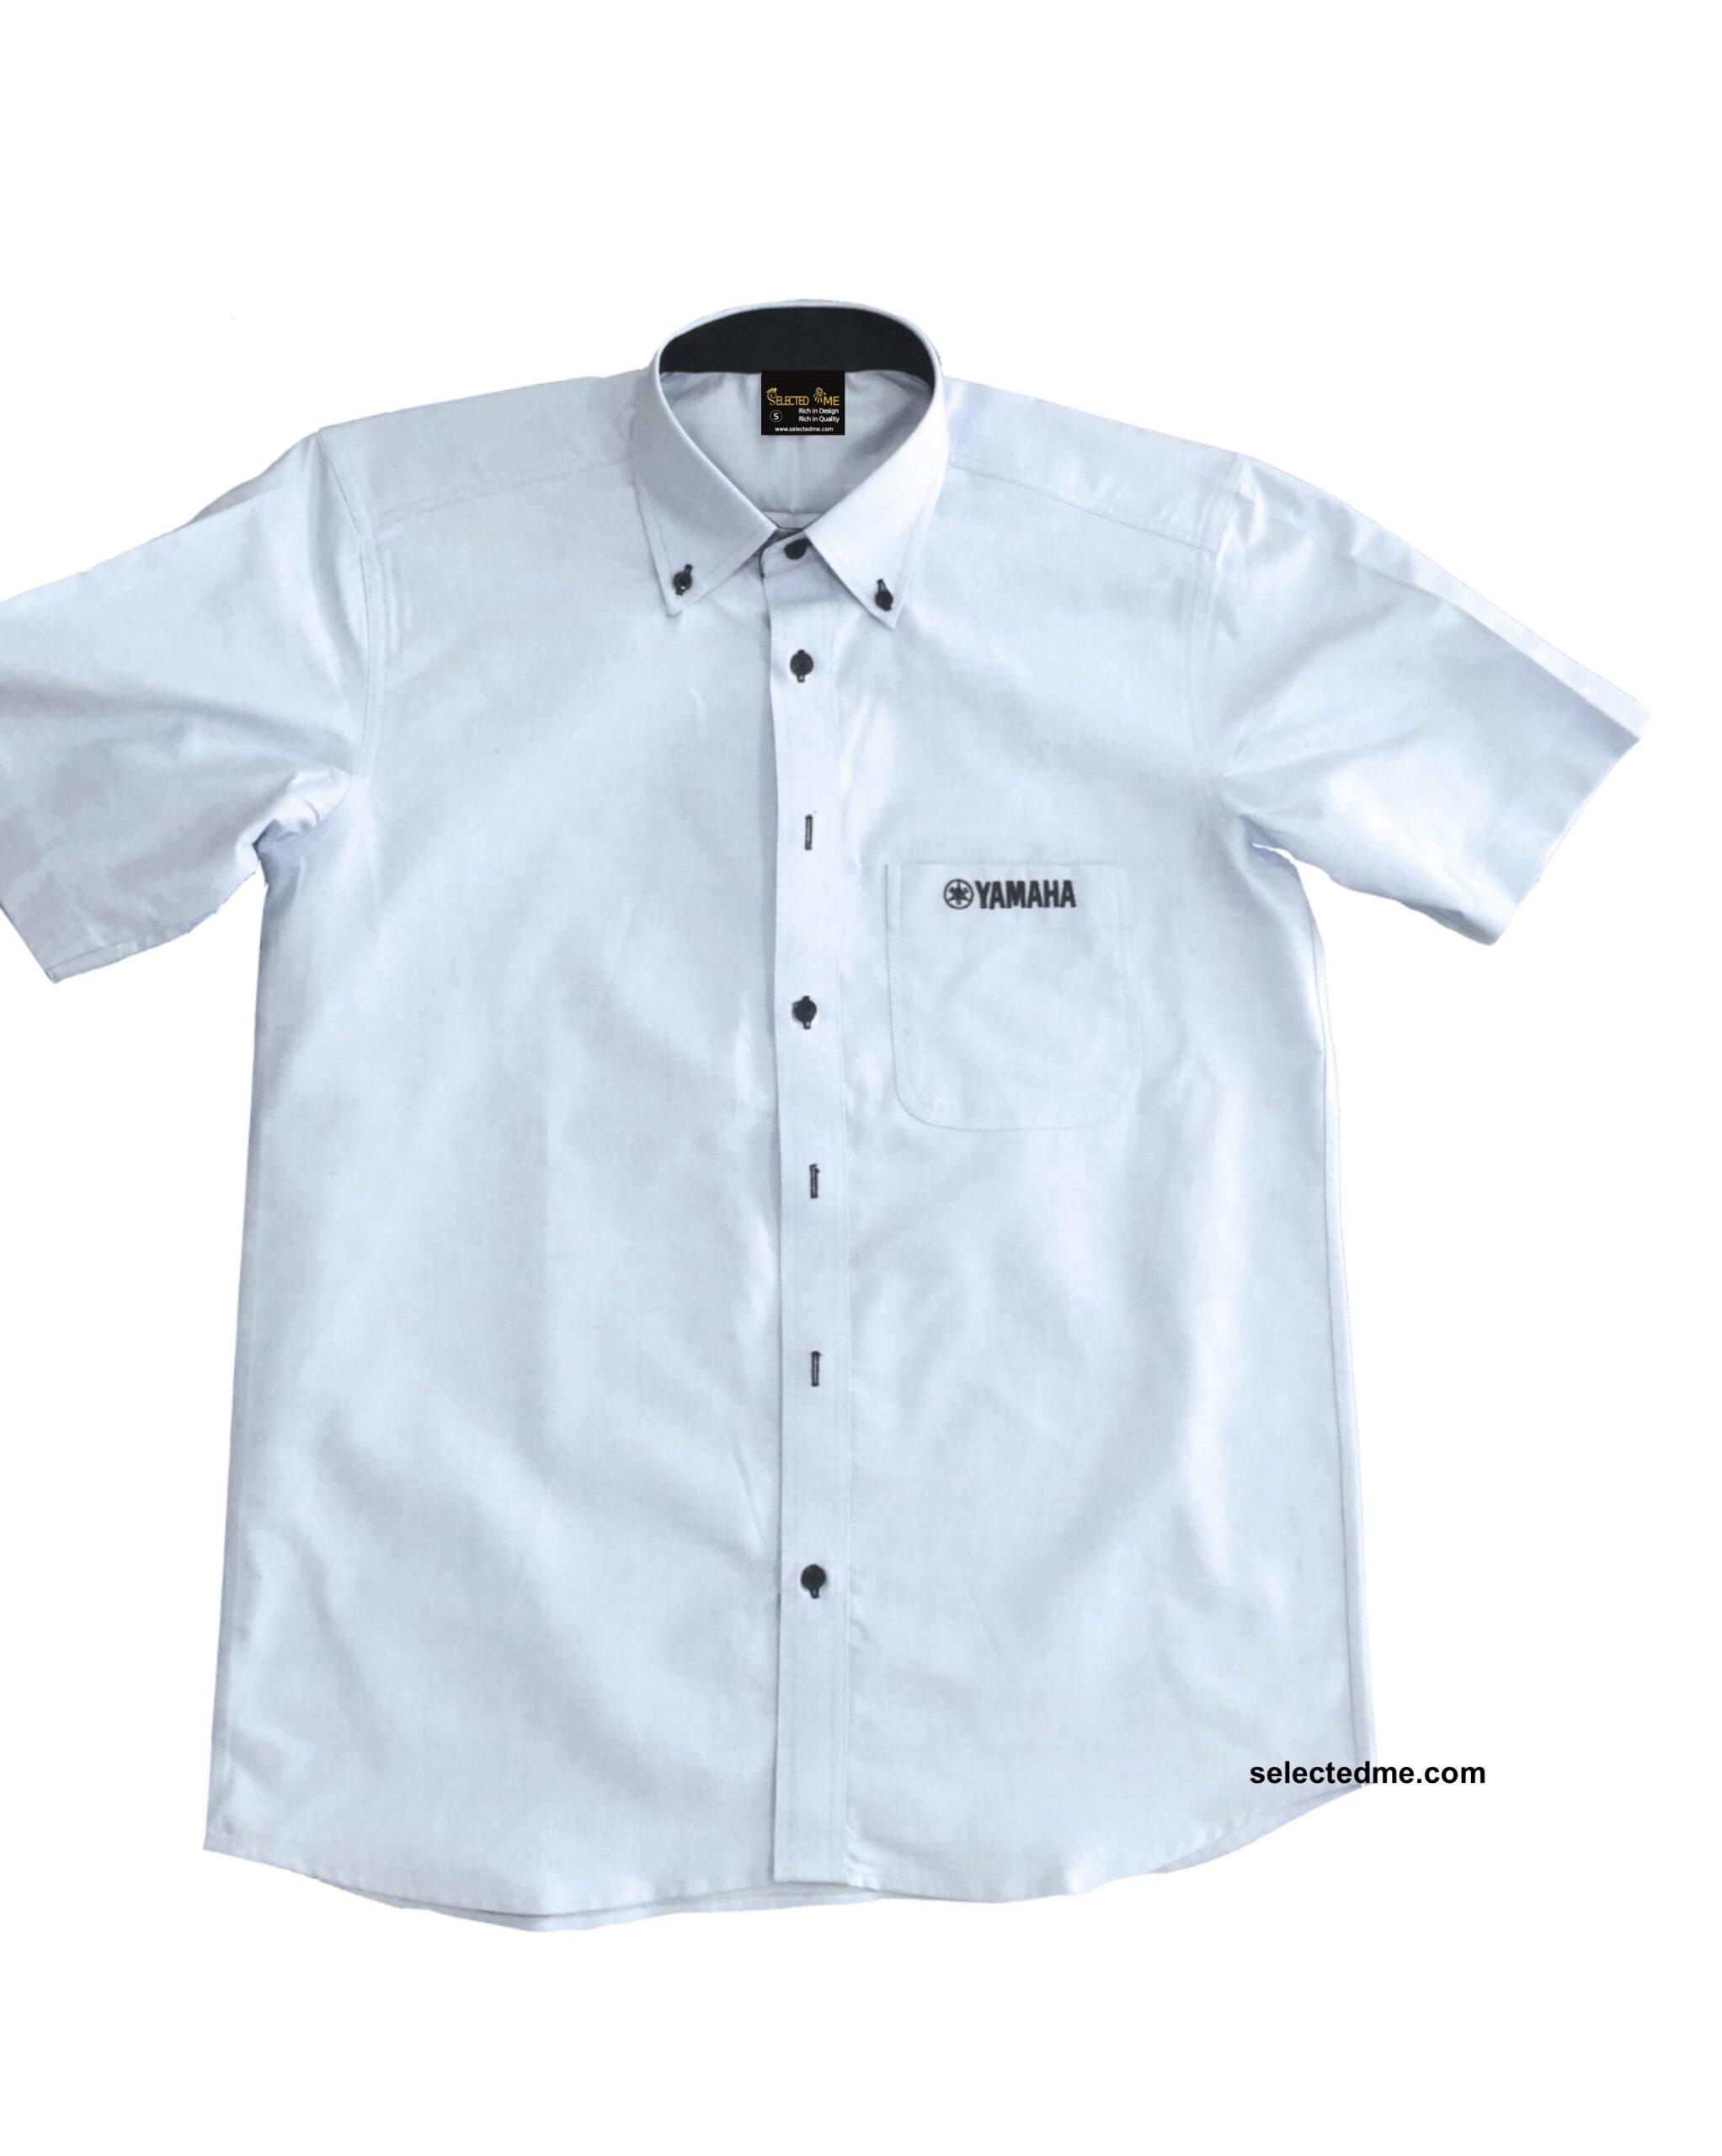 Uniform Shirts - Workwear shirts wholesale. Branded shirts Wholesaler